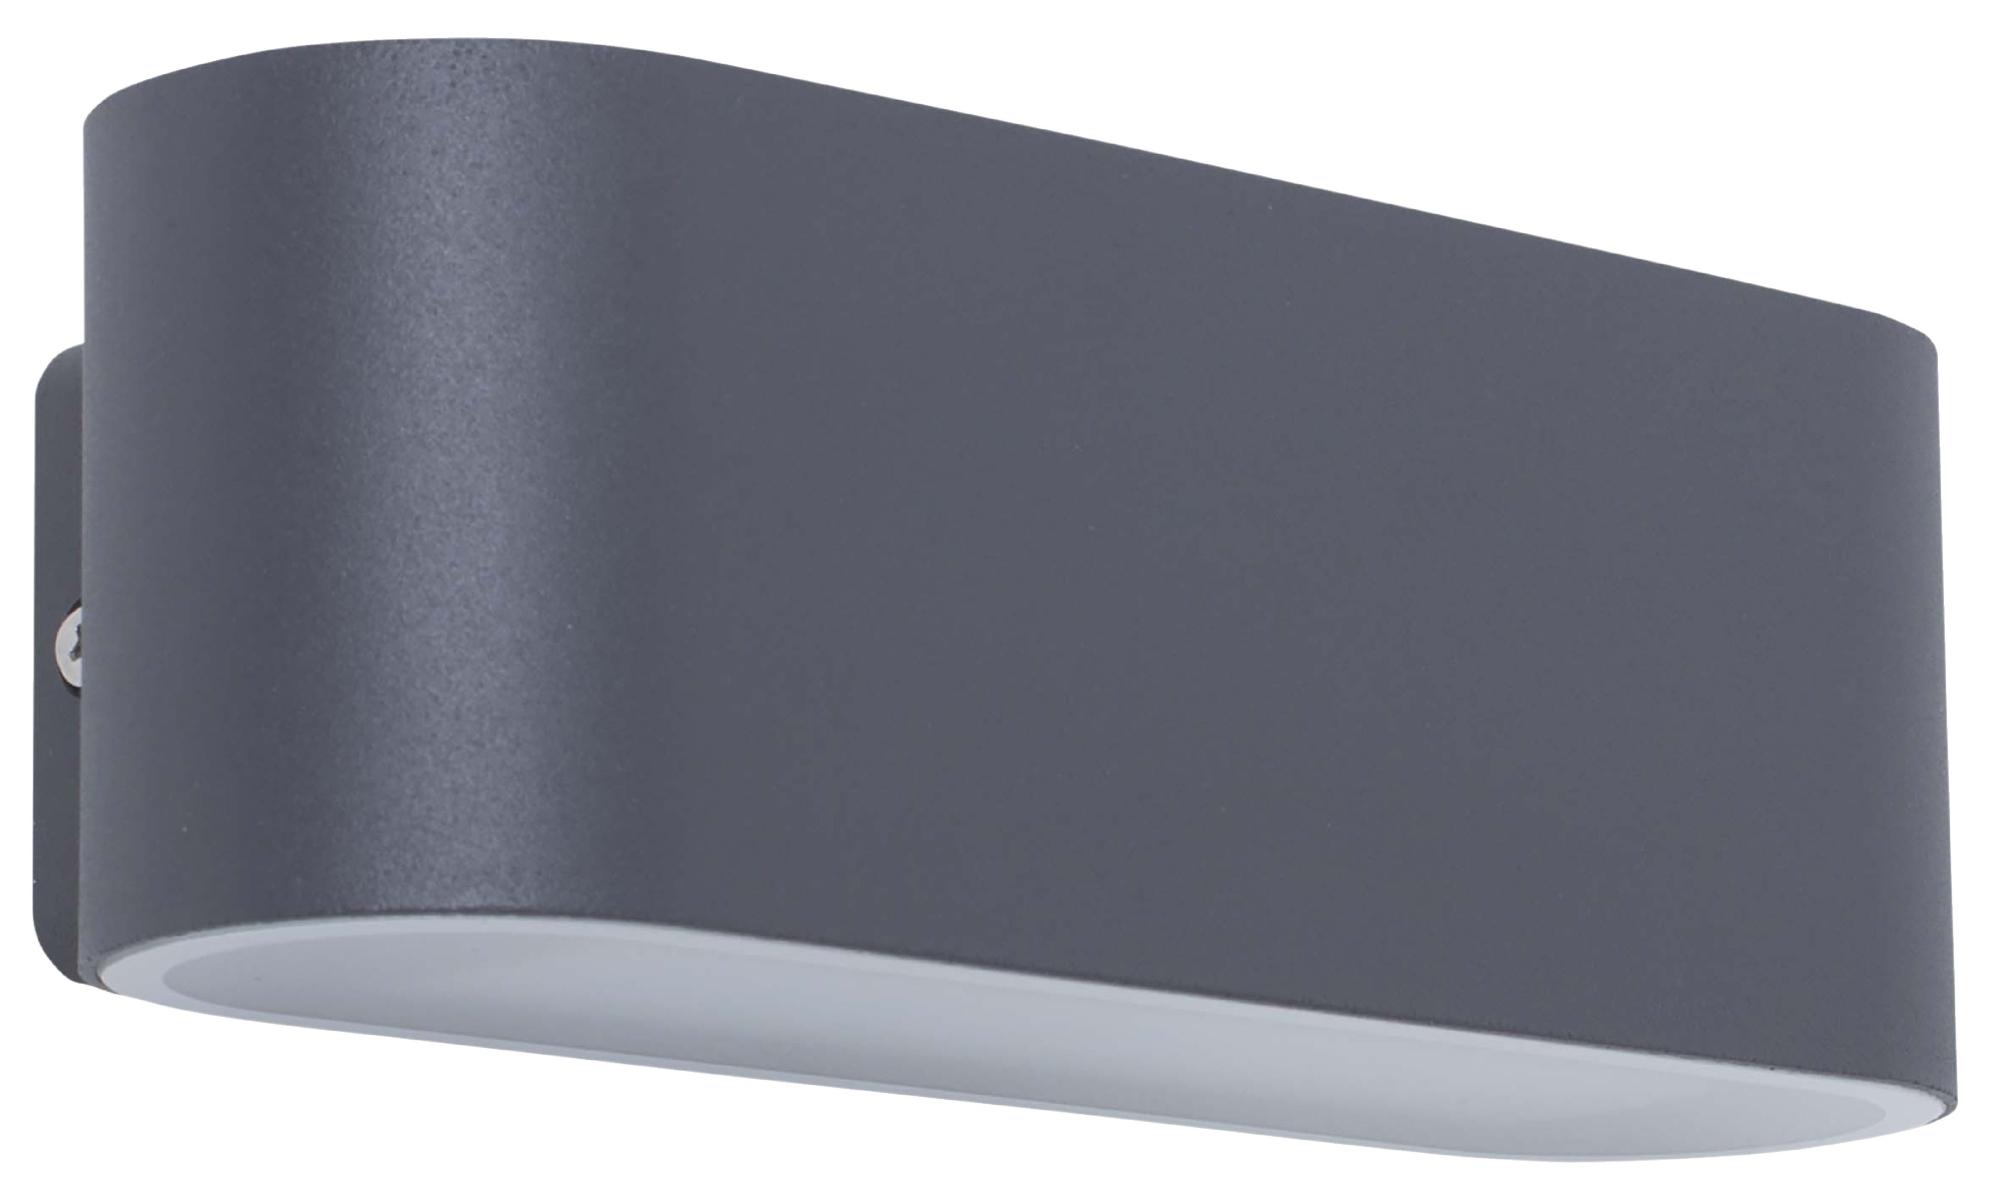 GWI-002-HS LUZ LED EXTERIOR PARA LA PARED